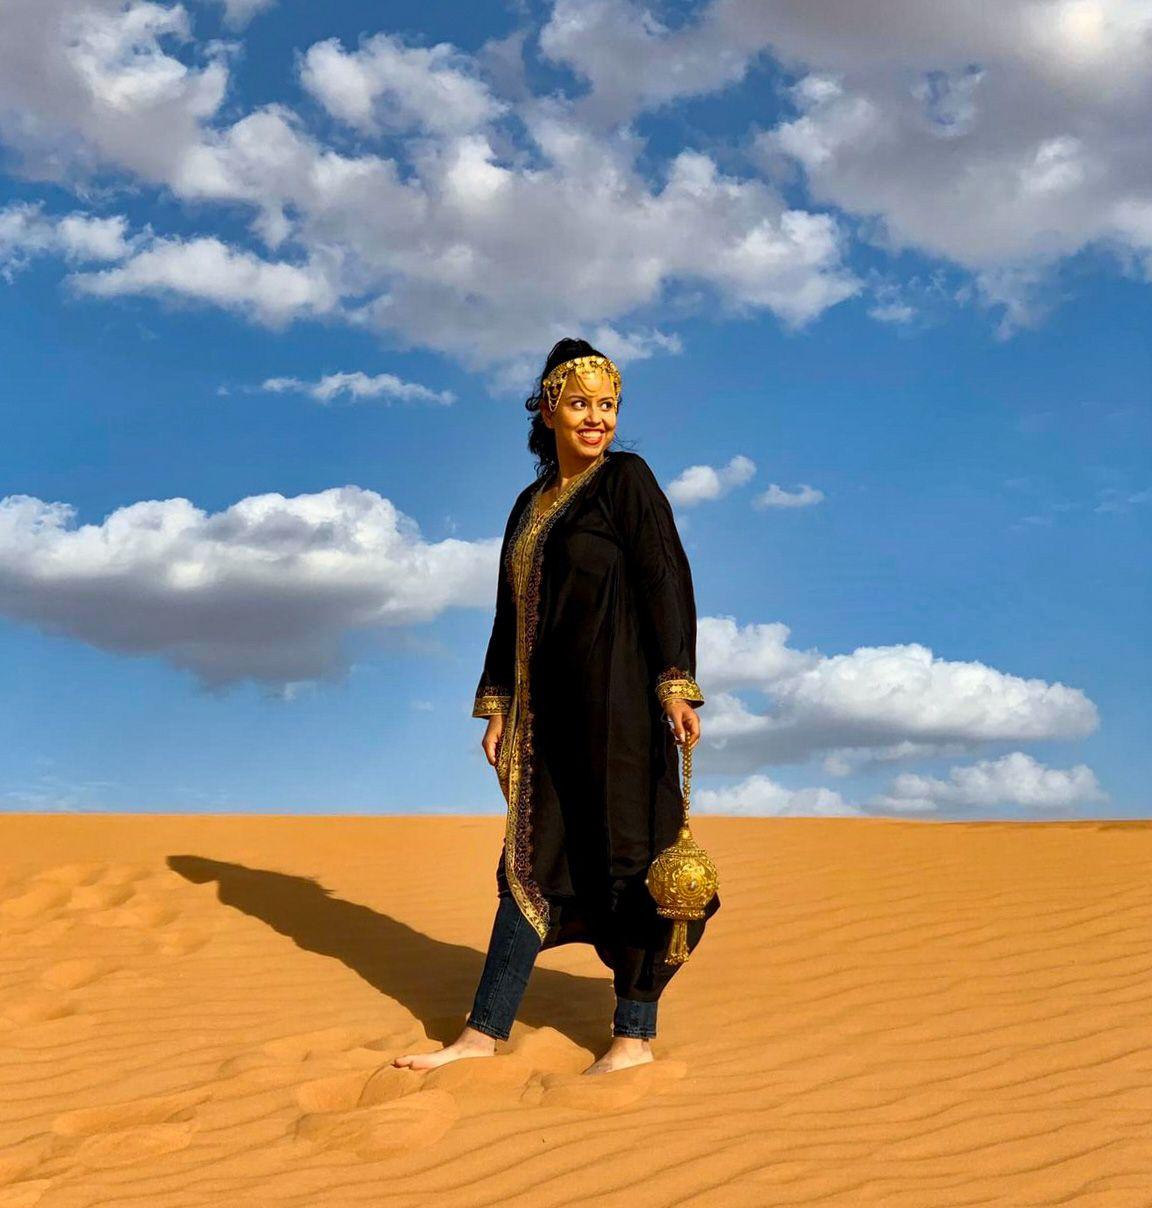 Desierto De Dubai Escapada De Un Día Dubai Escapadas Desierto